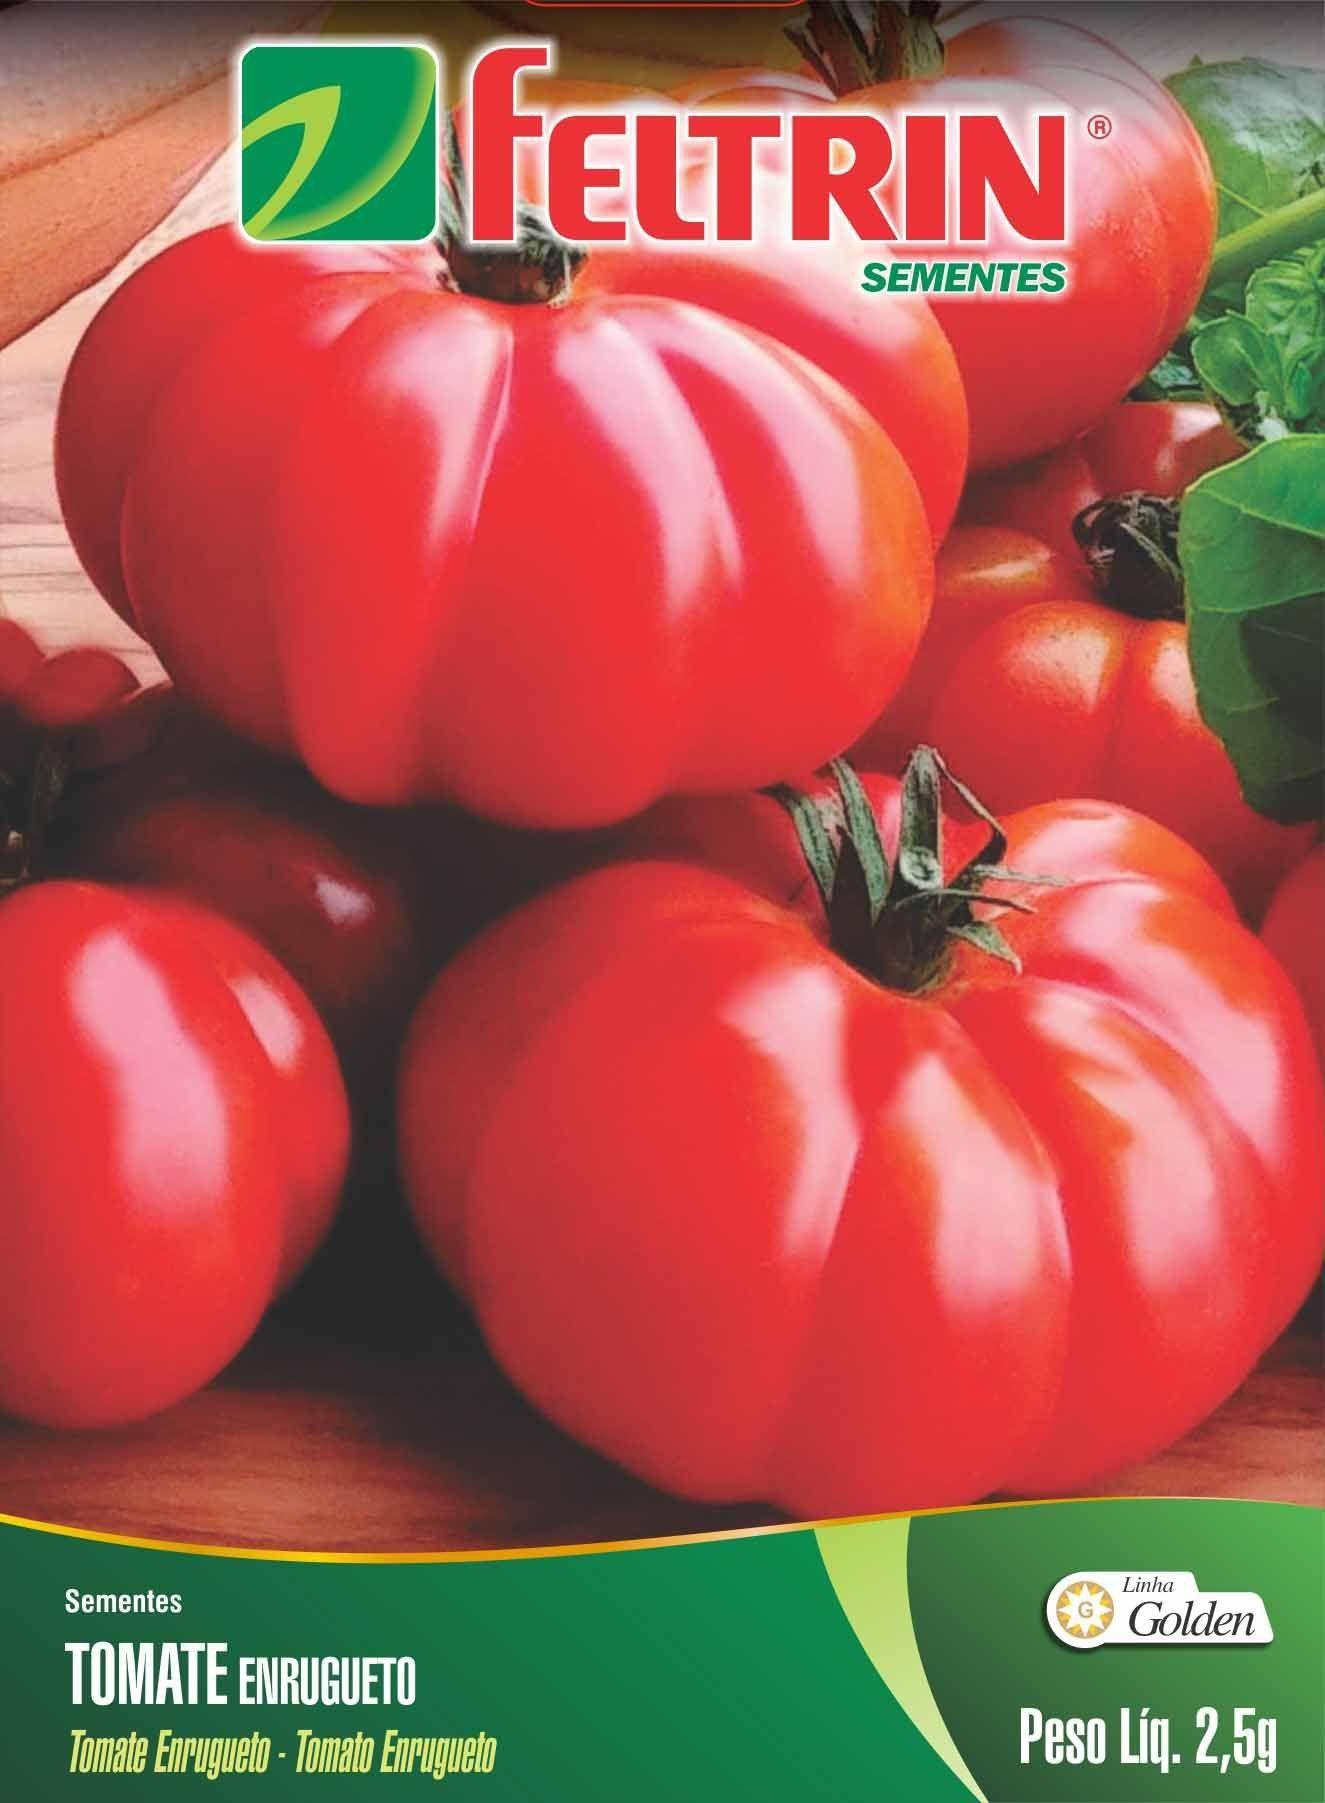 Sementes de Tomate Enrugueto 2,5g - Feltrin Linha Golden